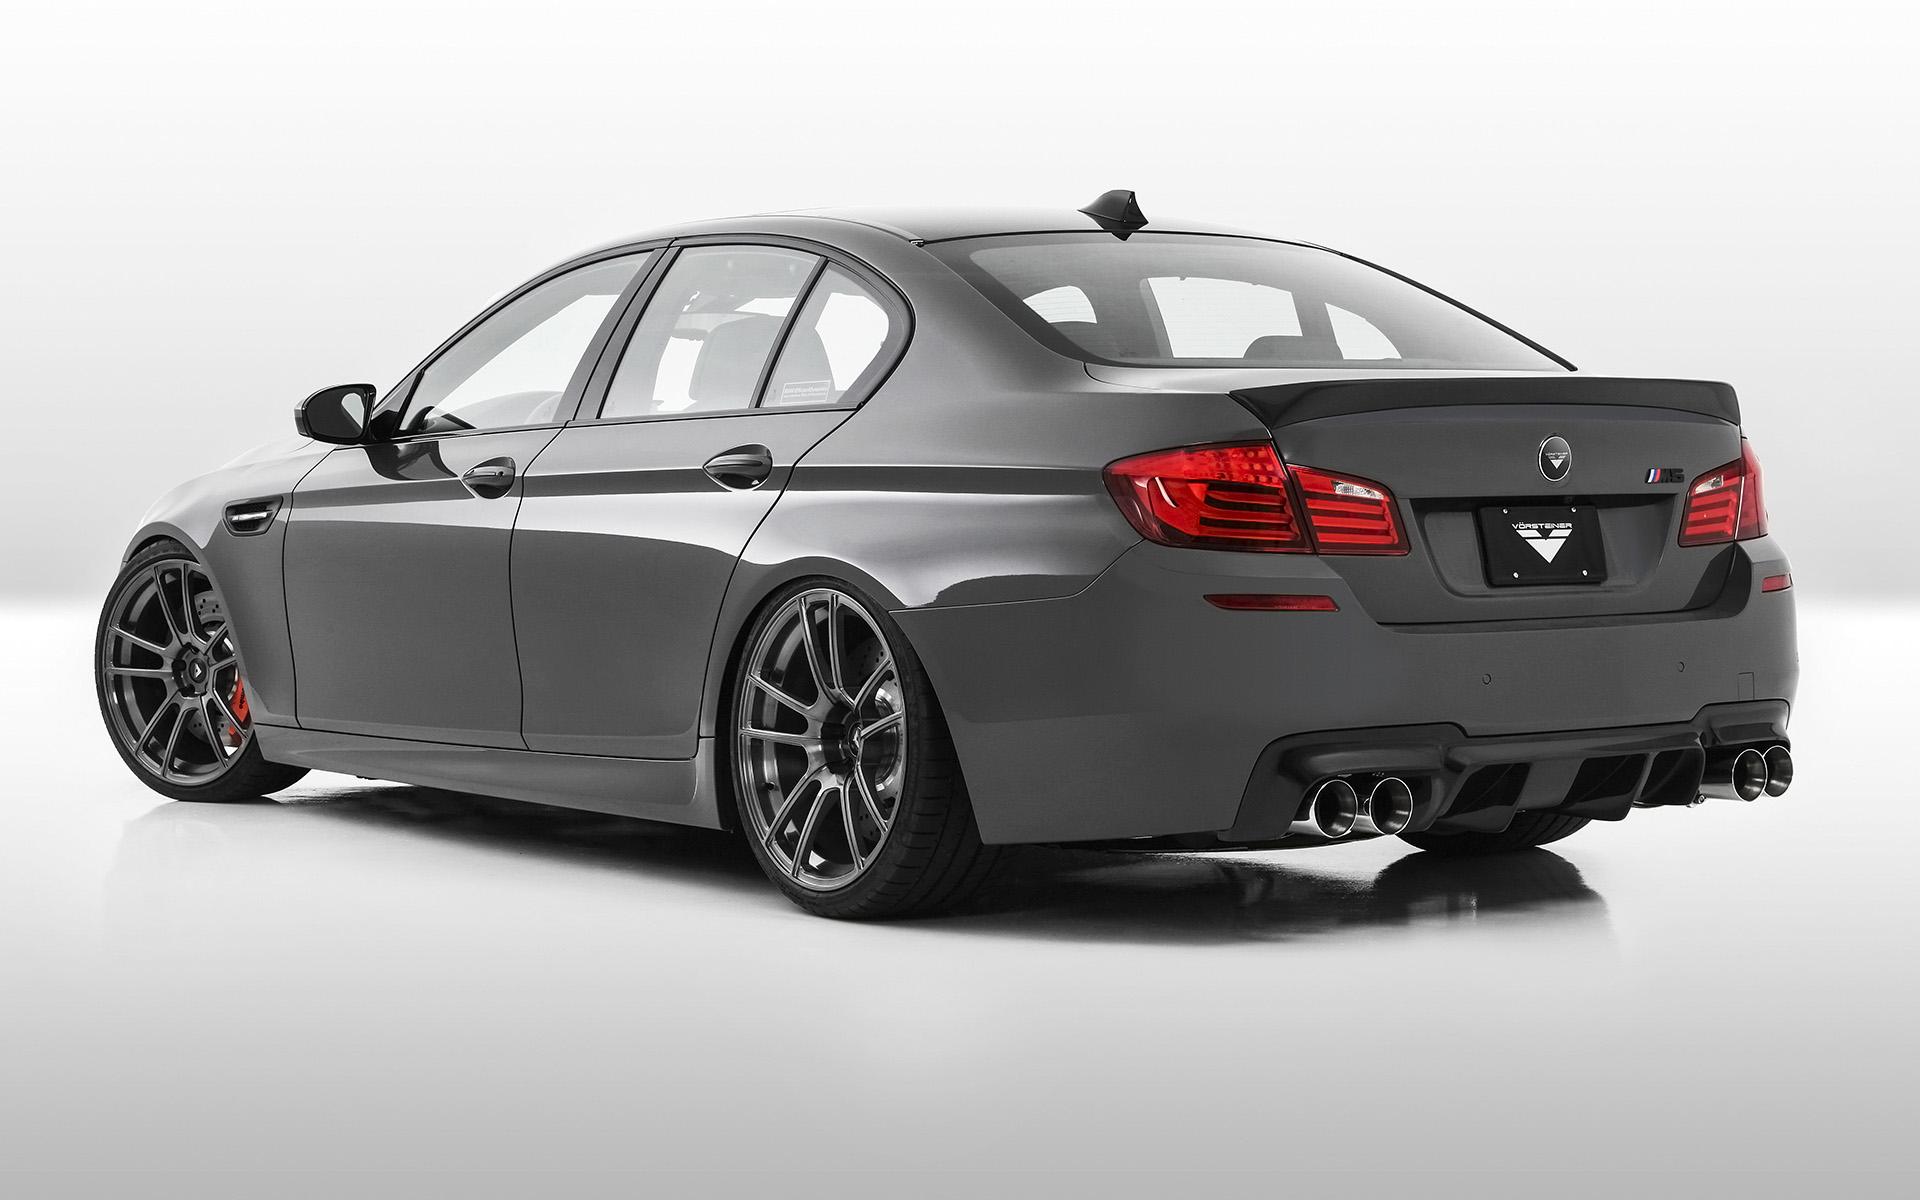 2013 Vorsteiner BMW M5 tuning m-5 hw wallpaper | 1920x1200 | 129093 ...